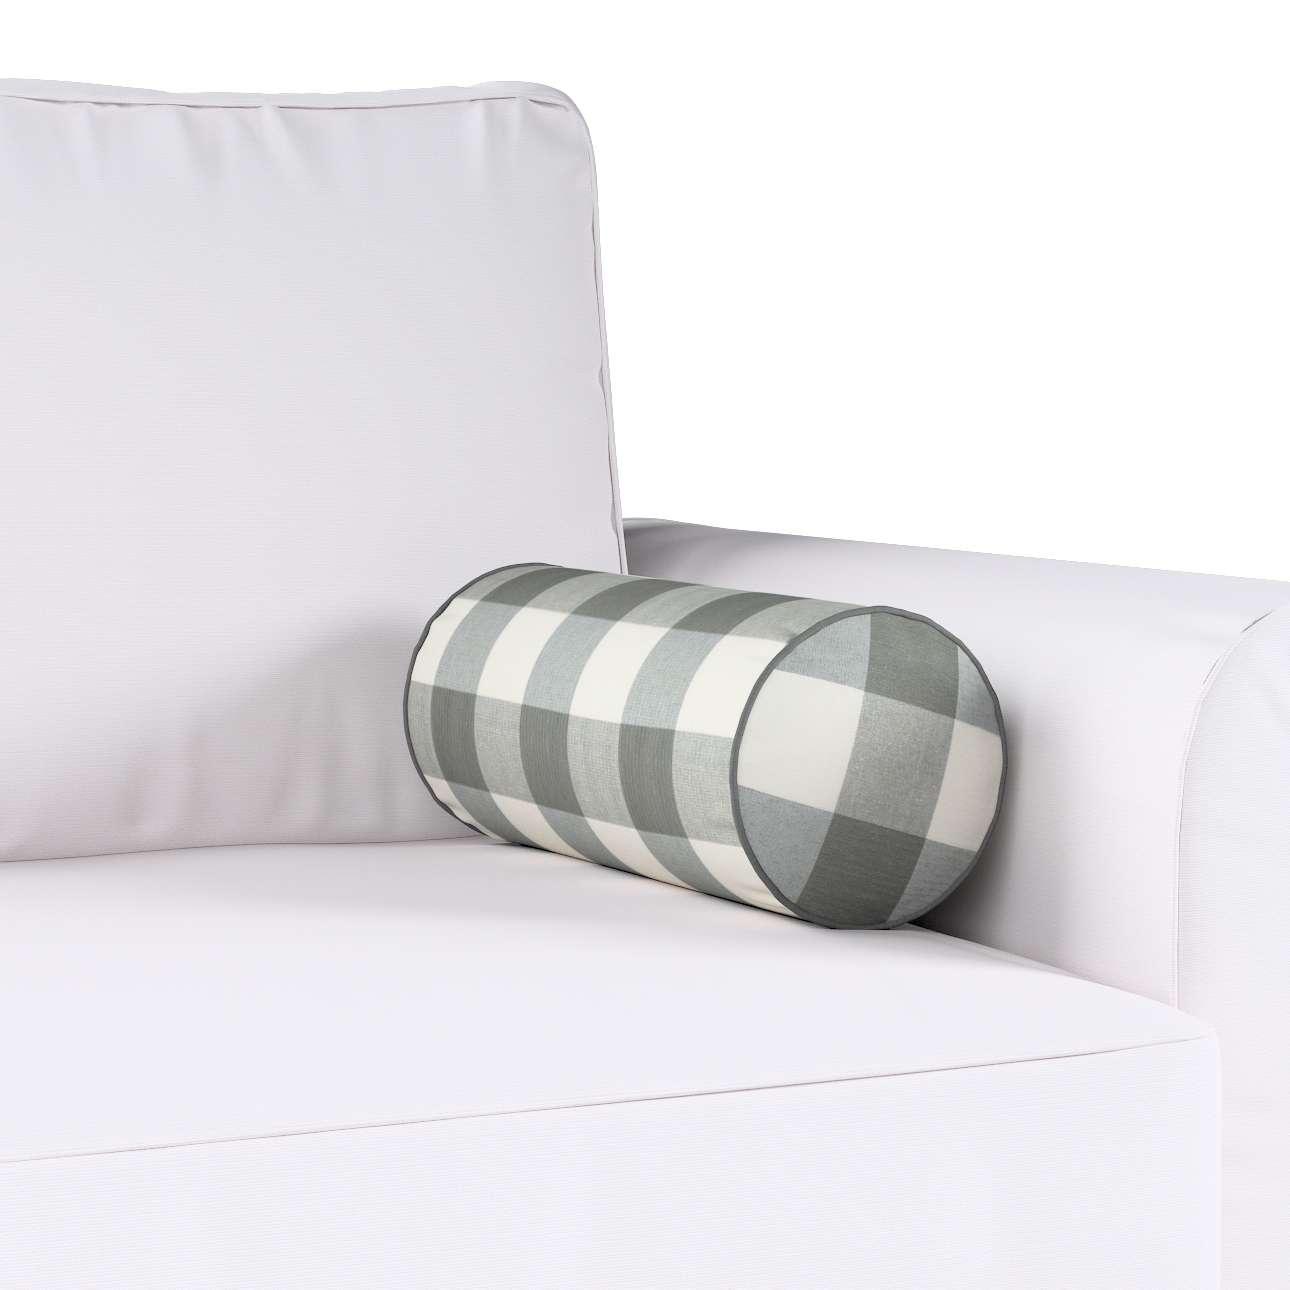 Ritinio formos  pagalvėlė Ø 16 x 40 cm (6 x 16 inch) kolekcijoje Quadro, audinys: 136-13